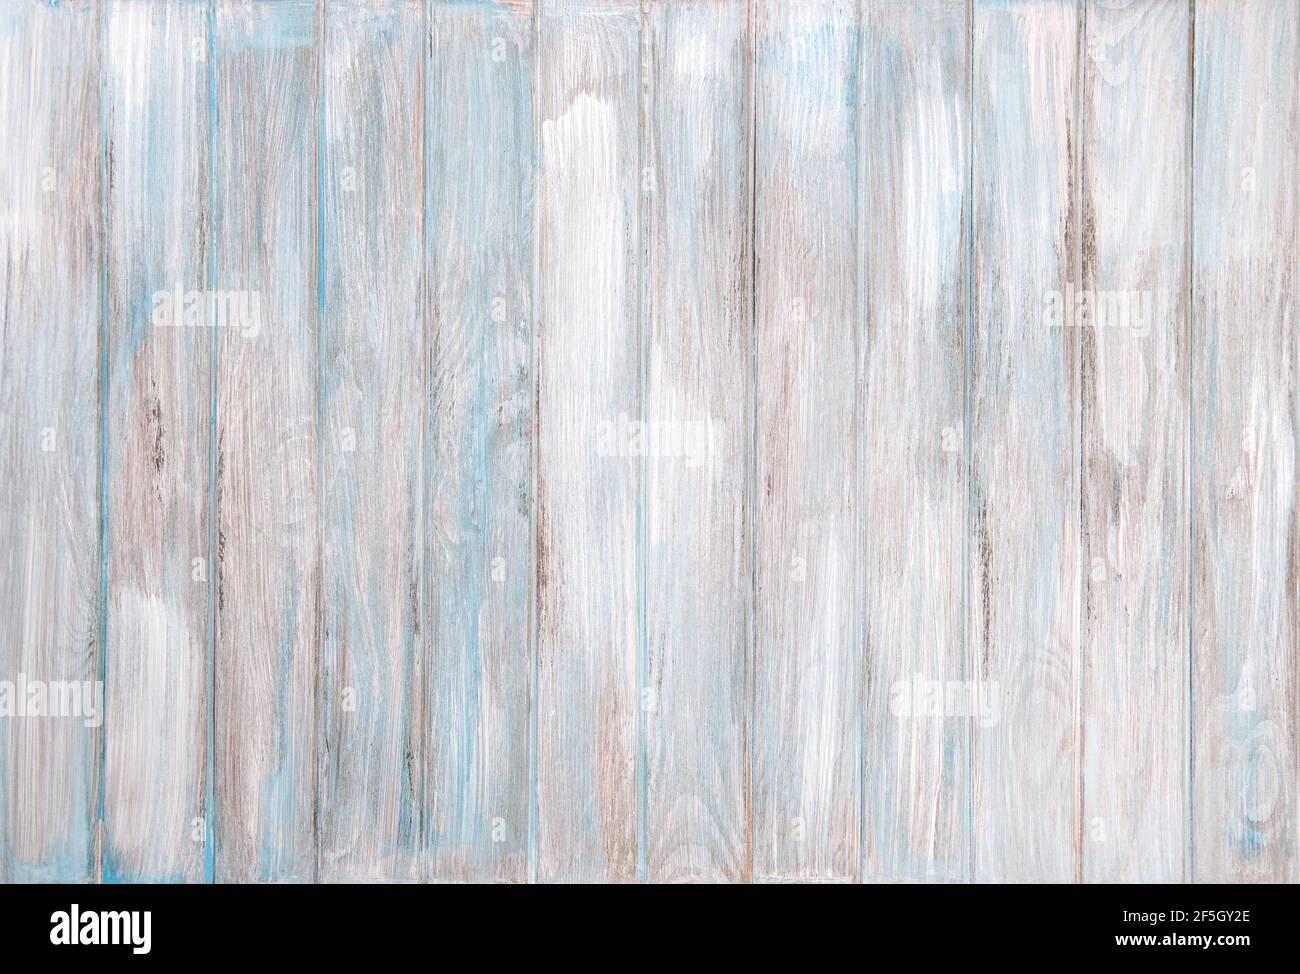 Sfondo di legno di colore blu. Struttura in legno naturale rustico Foto Stock